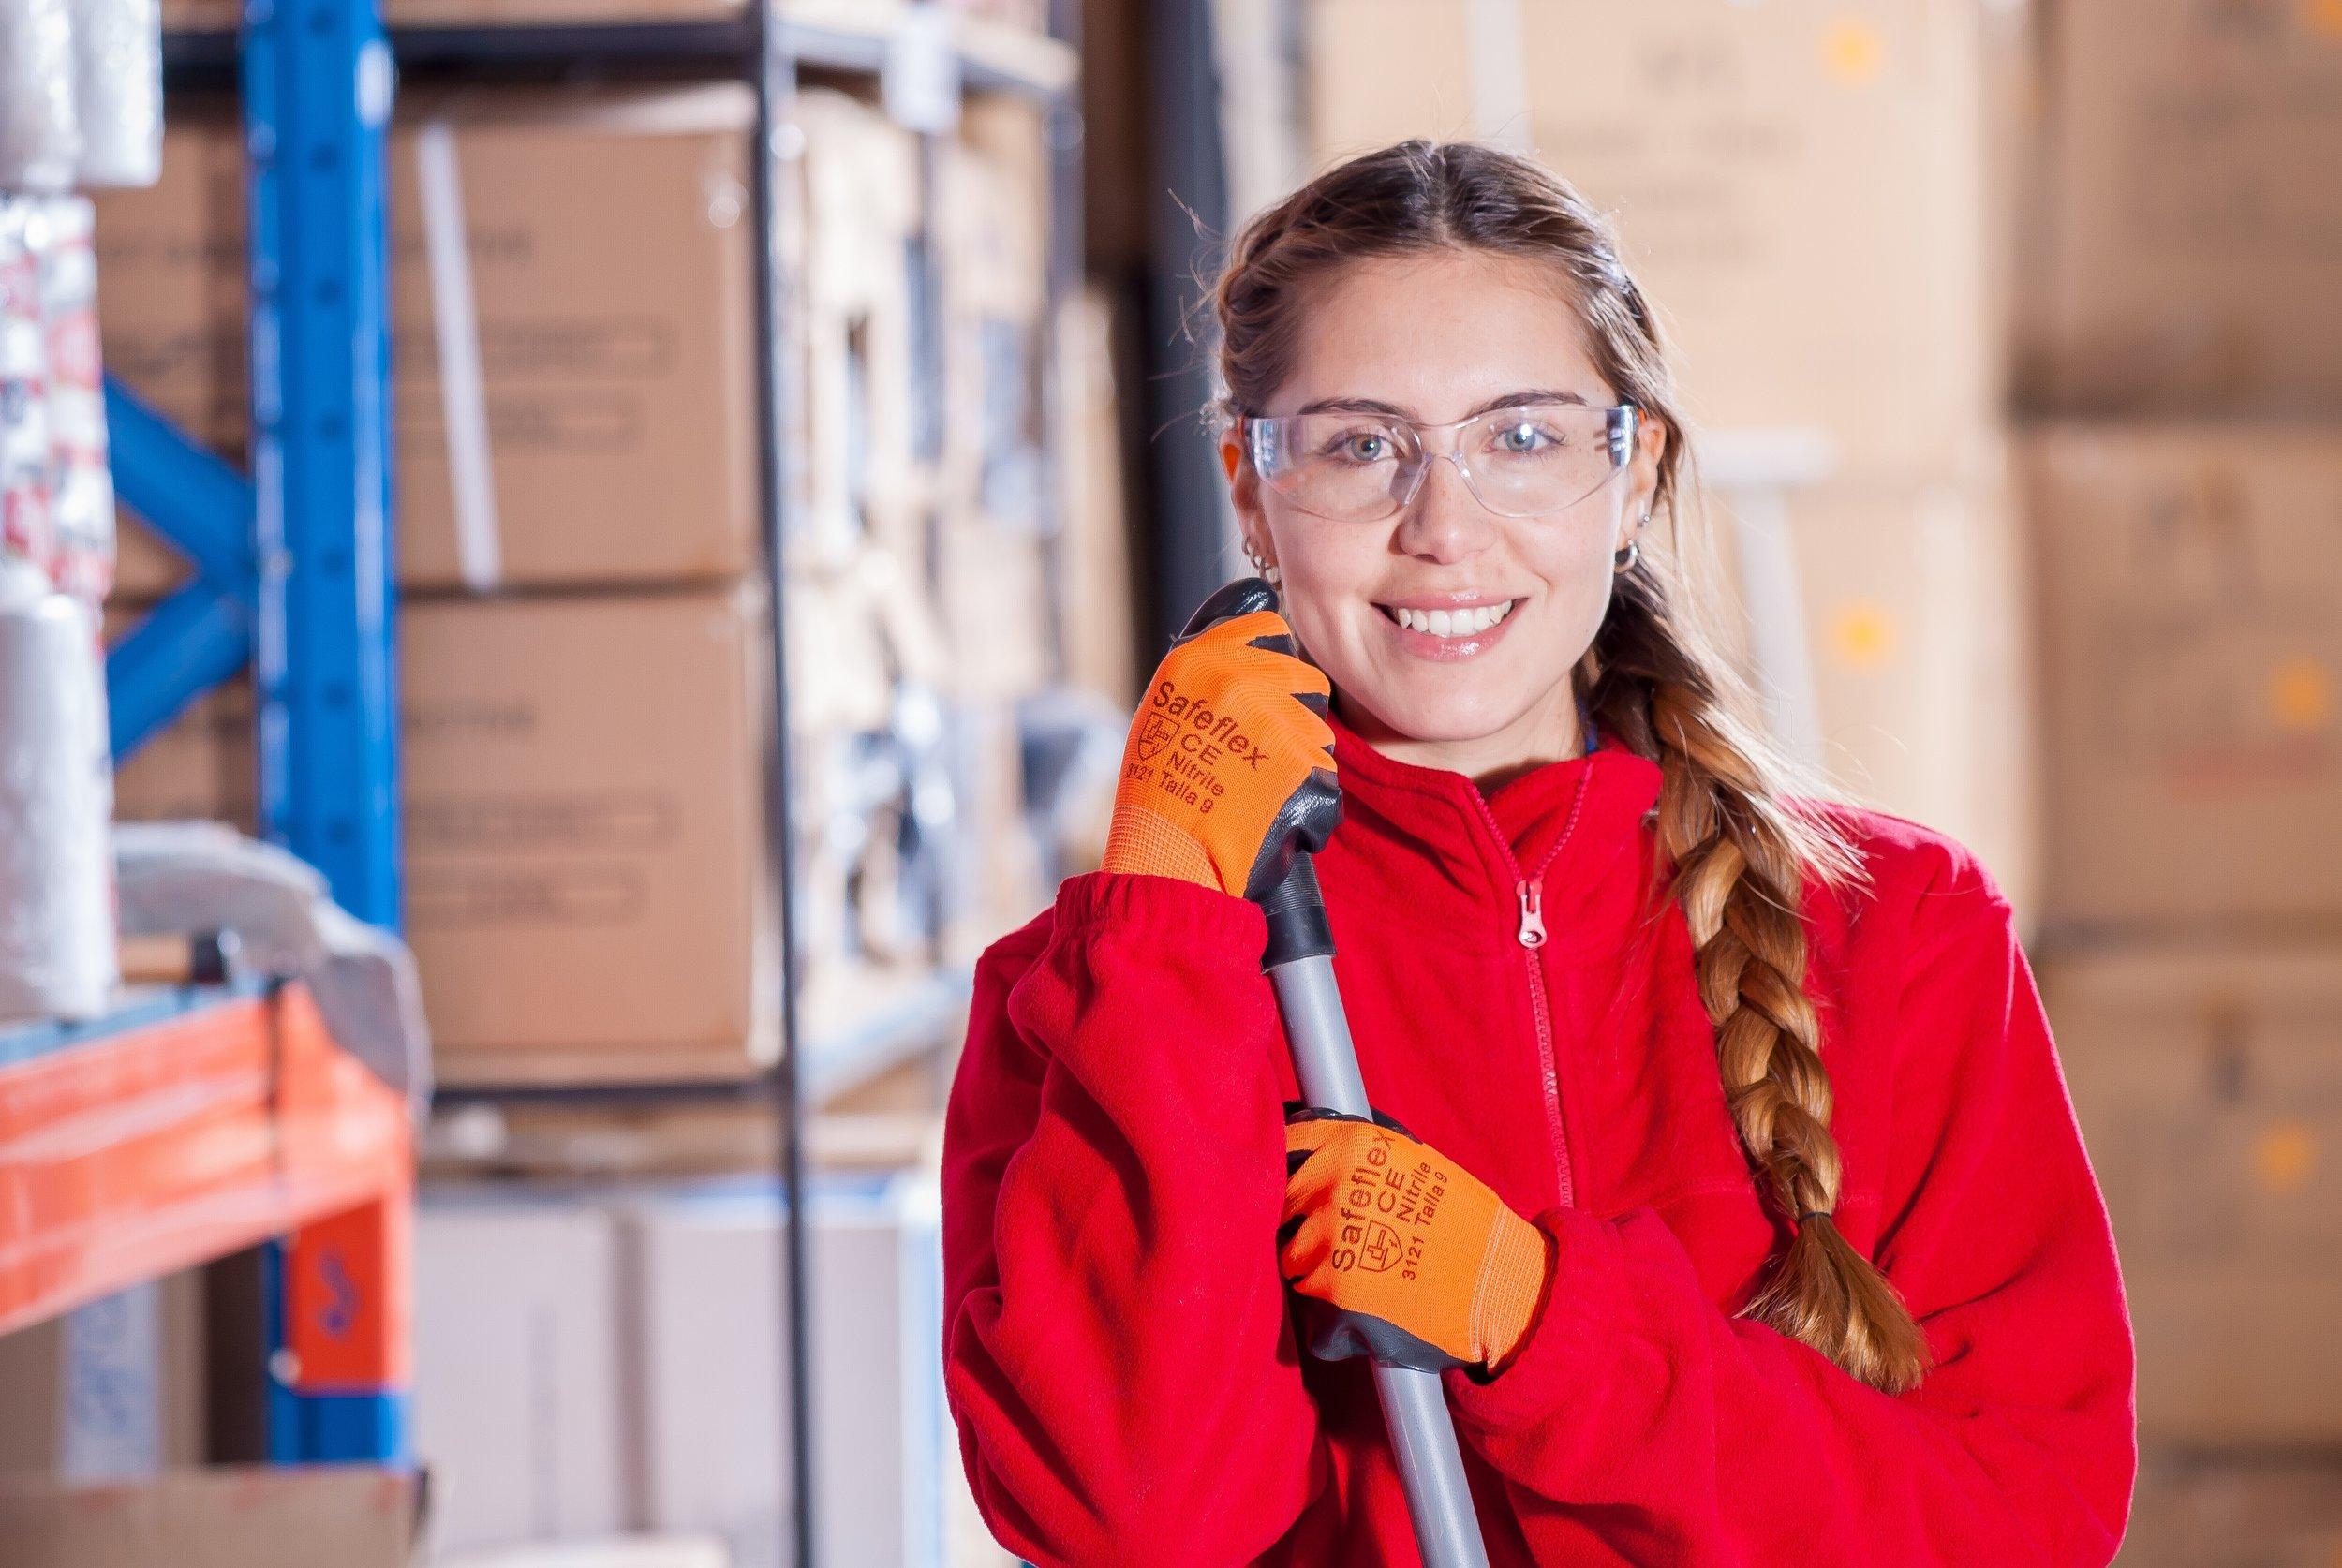 Zwiększanie dostępu do miejsc pracy w najszybciej rozwijających się branżach - Dołącz do programu NESsT Empowers